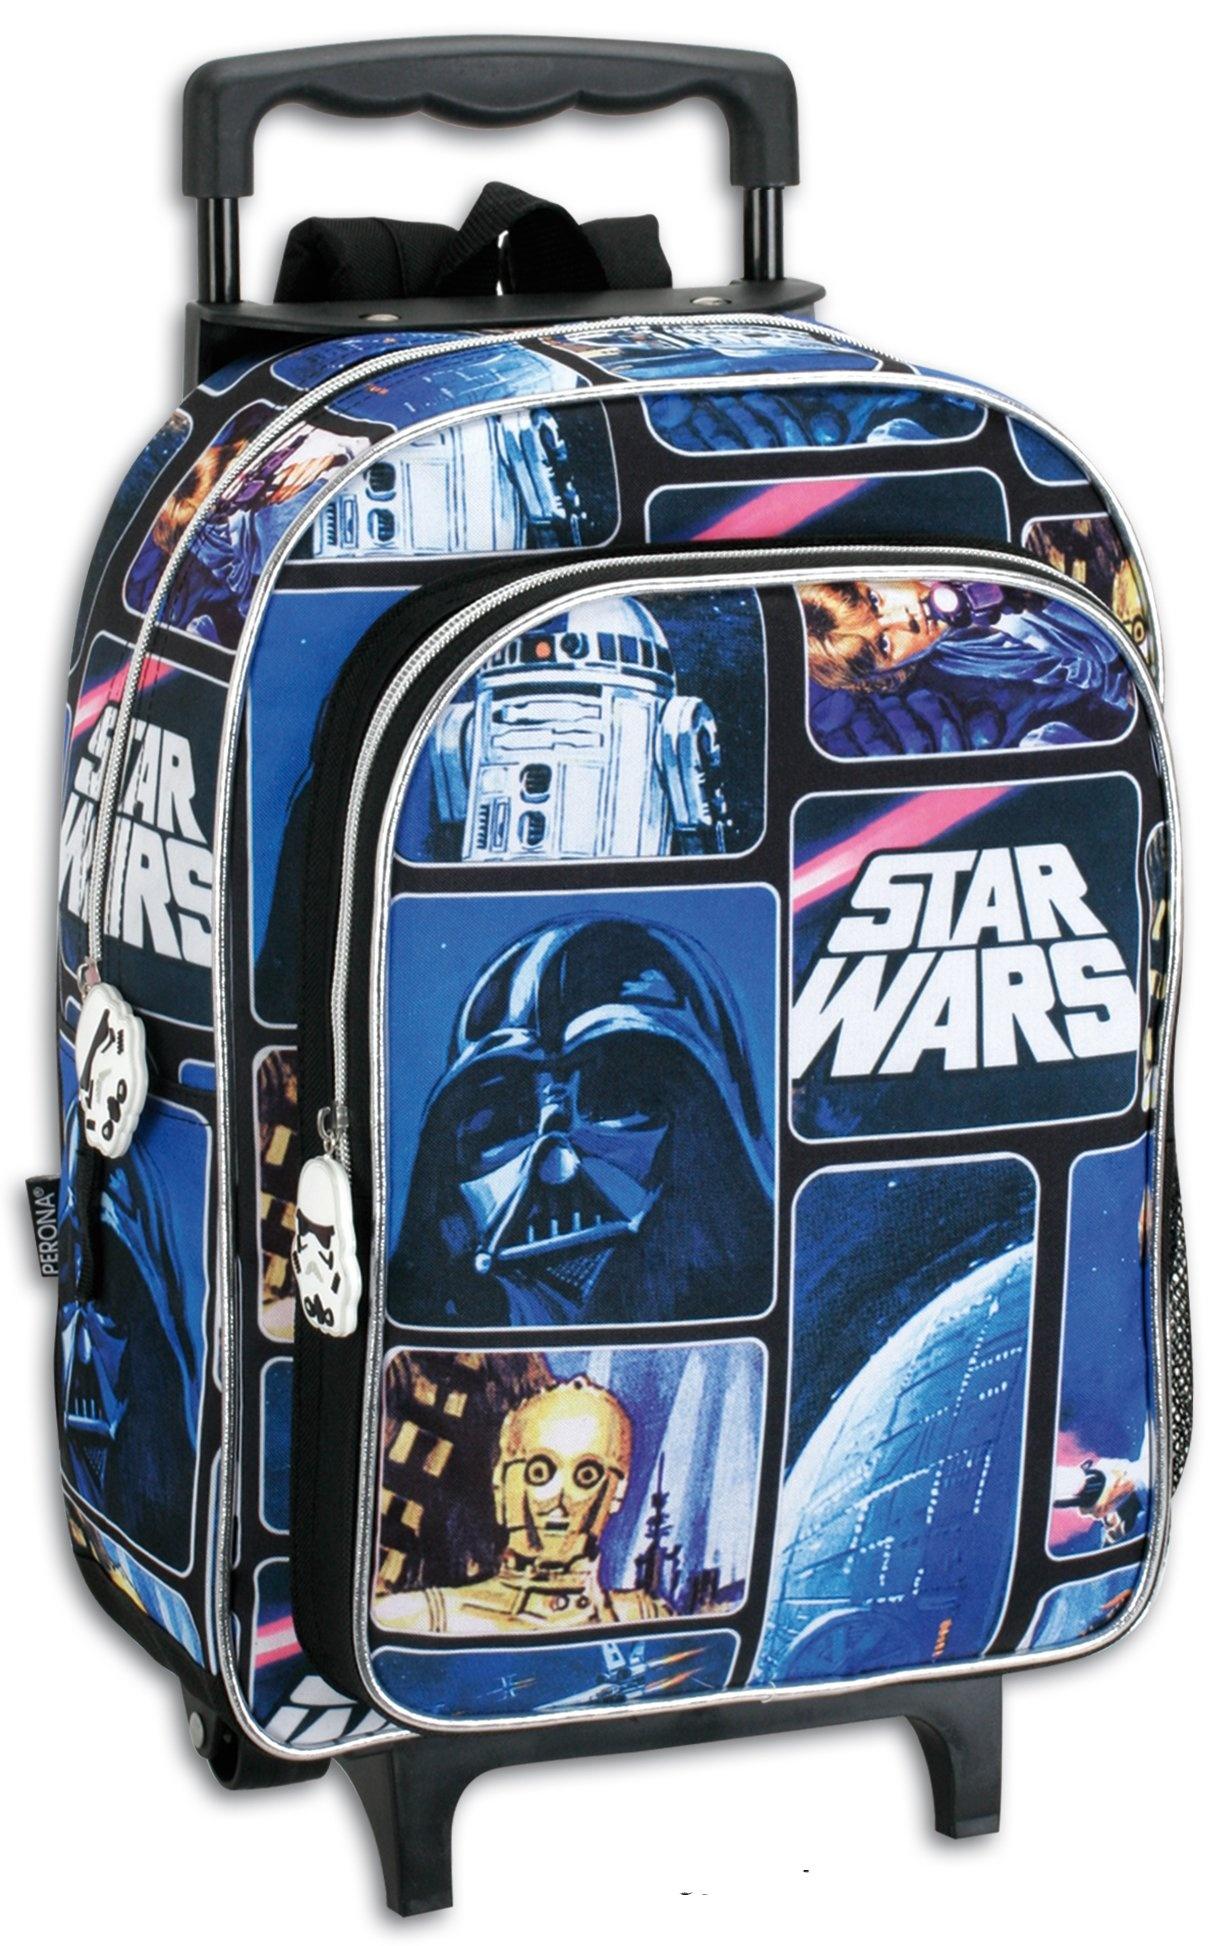 b22dfd6421 Τσάντα τρόλλευ Star Wars 56 52 52cm